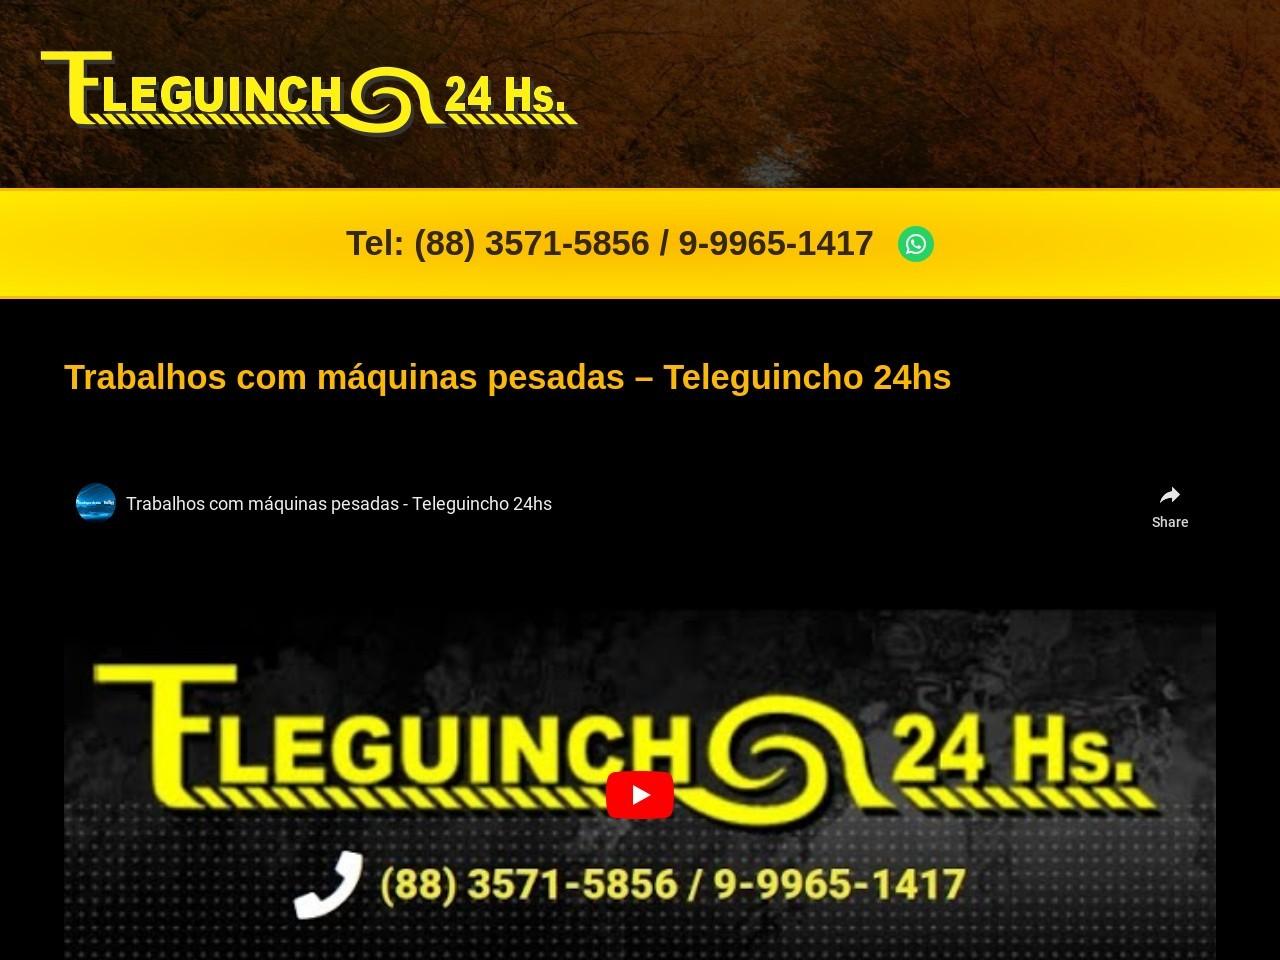 http://www.teleguincho24hs.com.br